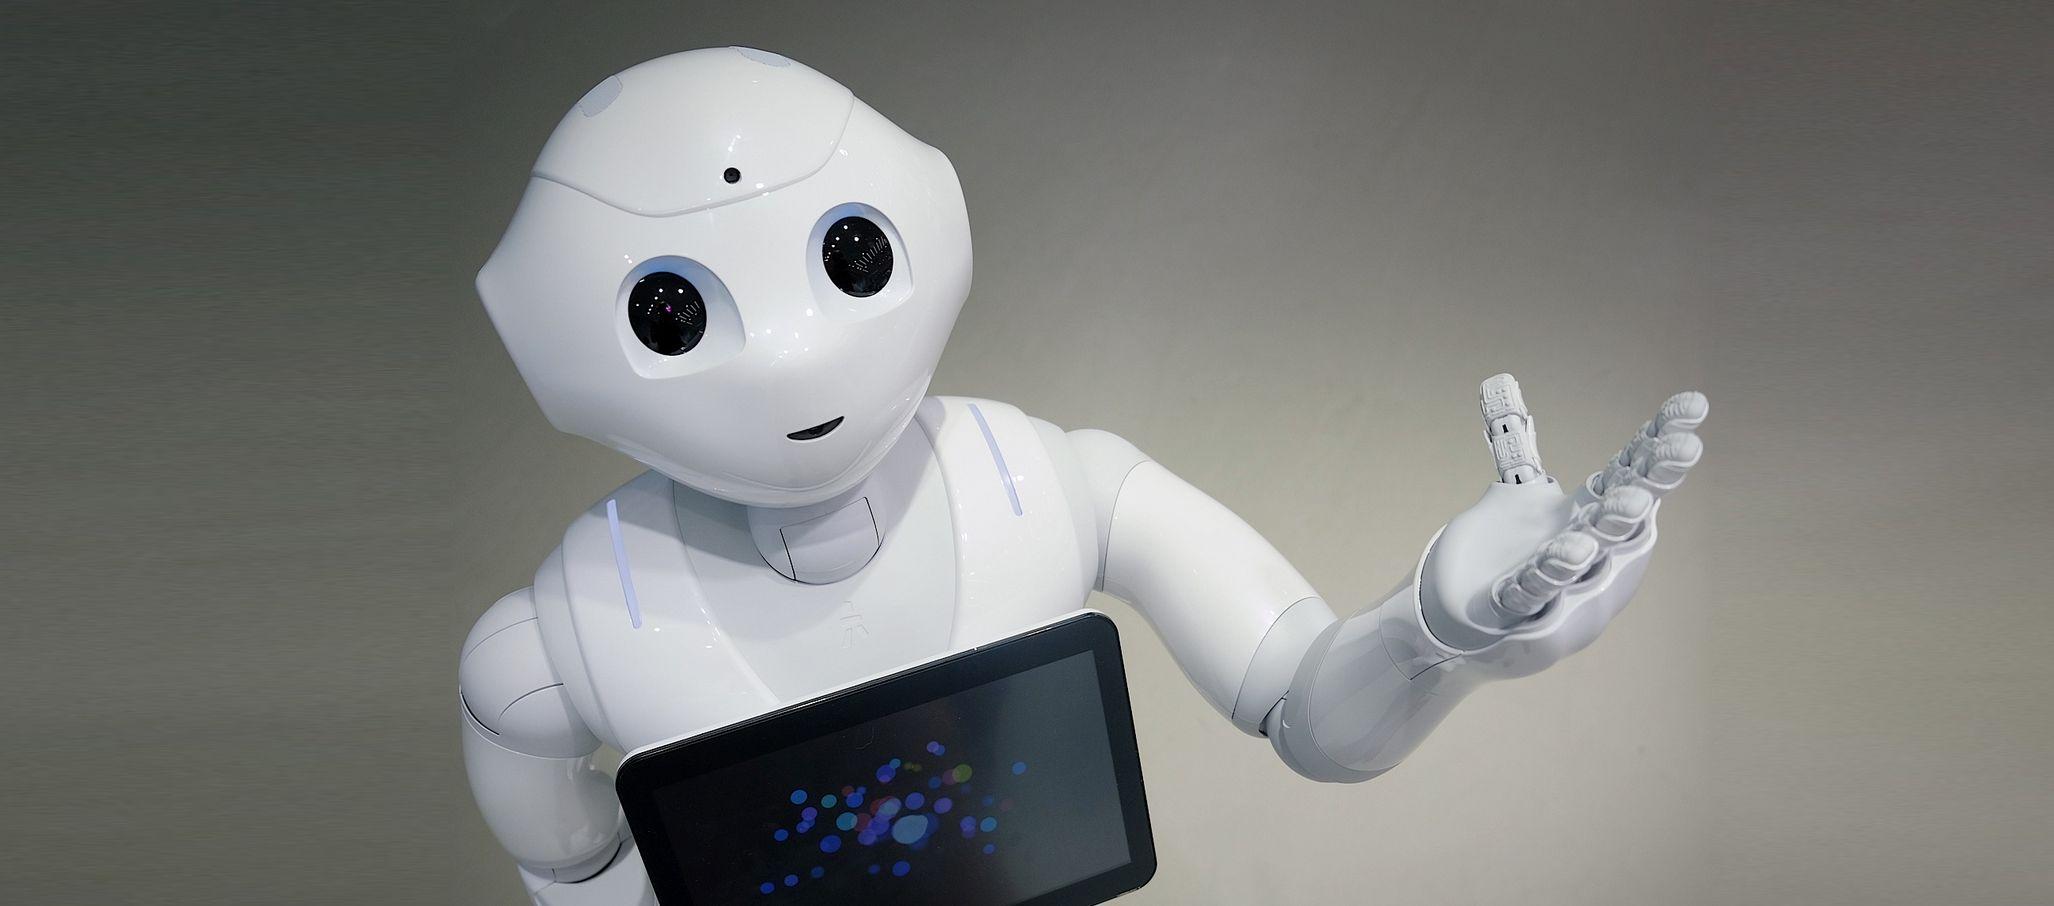 2018-2020年每年1.3亿元推动机器人产业发展